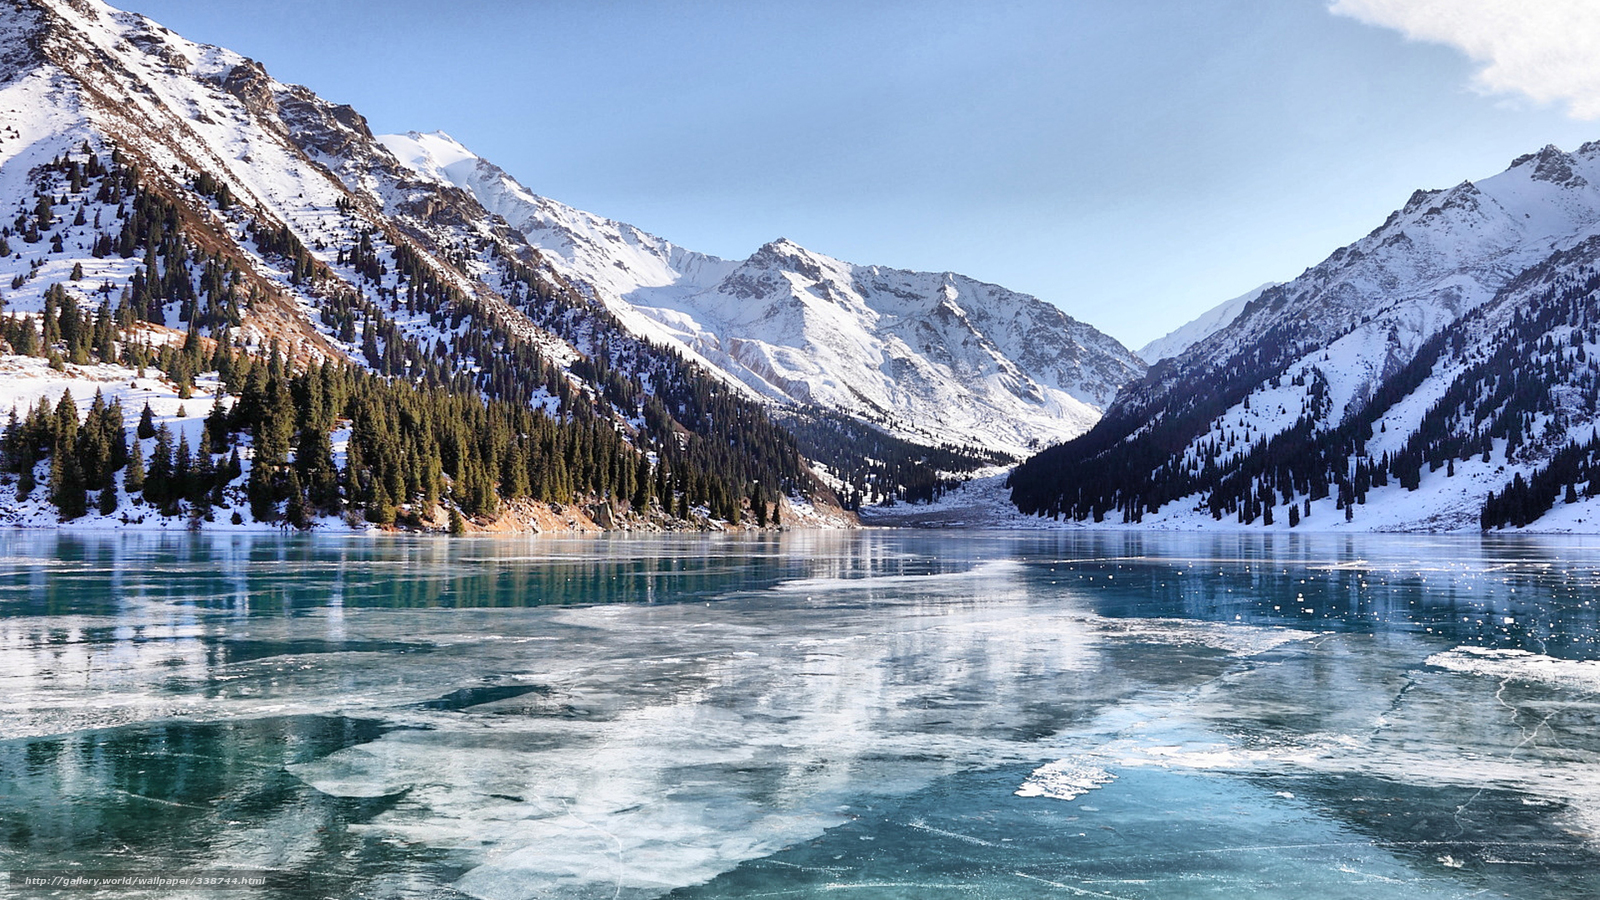 Baixar wallpaper lago inverno almaty bao papis de for Sfondi invernali hd